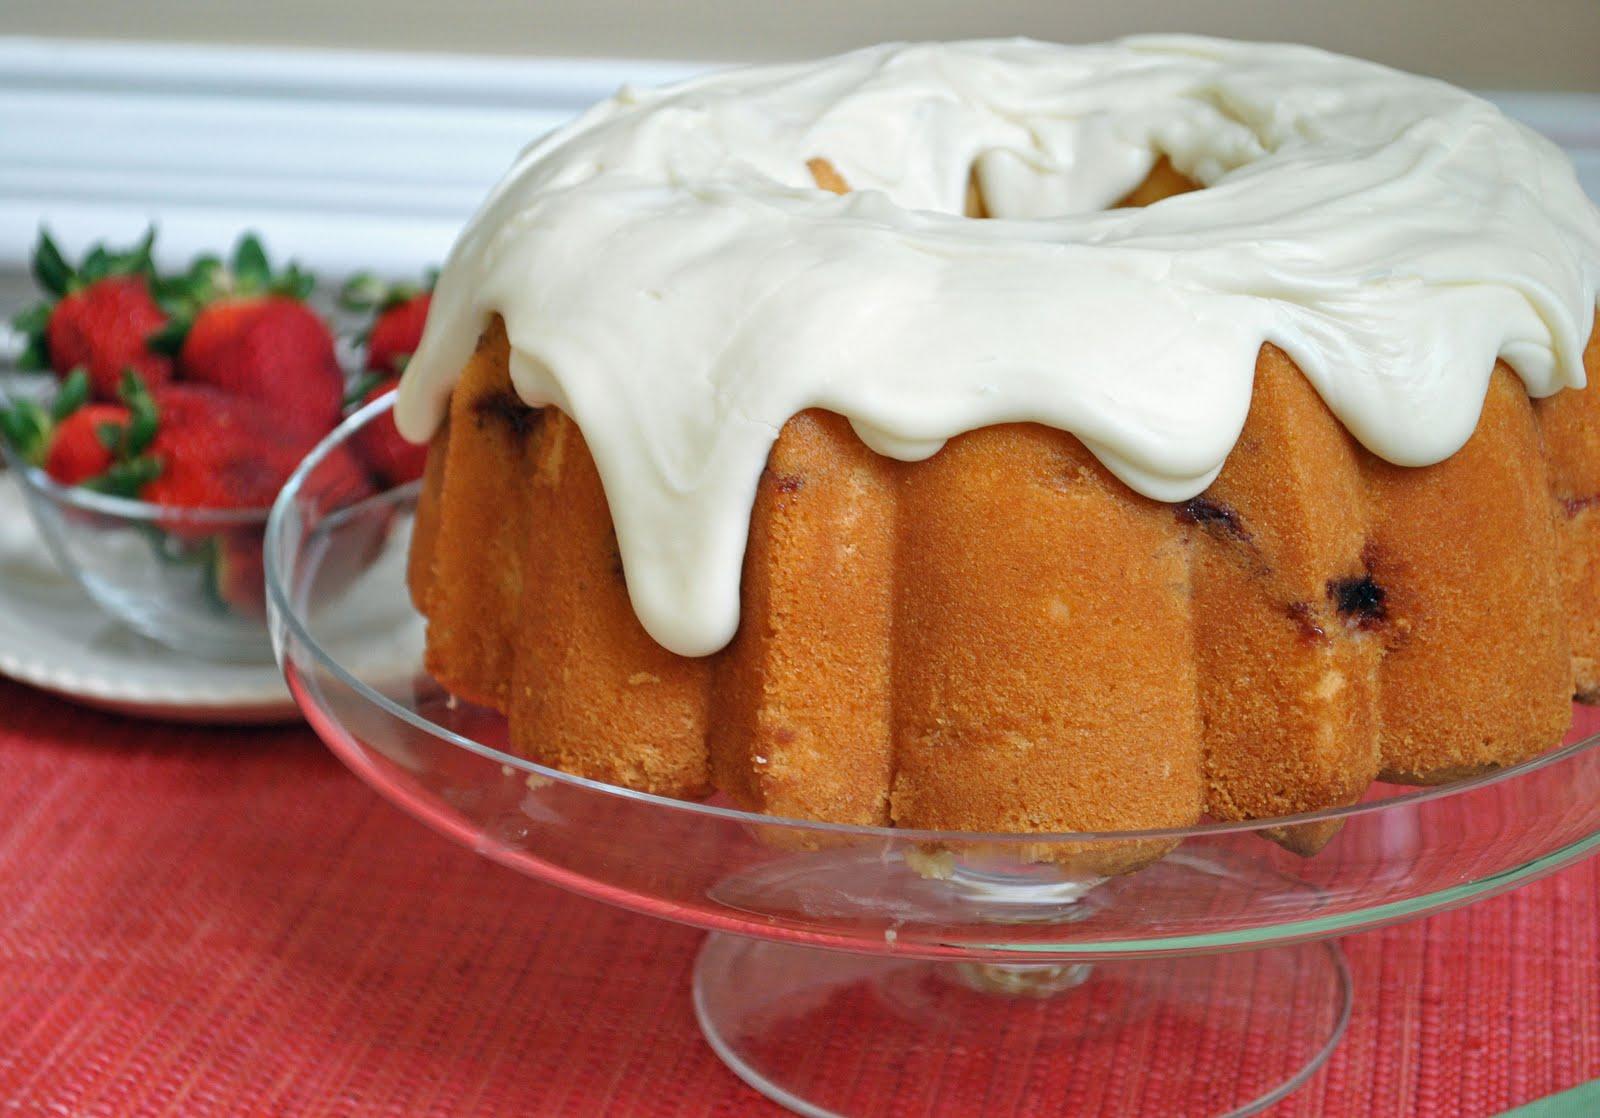 Ryan Bakes Strawberry Pound Cake With Cream Cheese Glaze